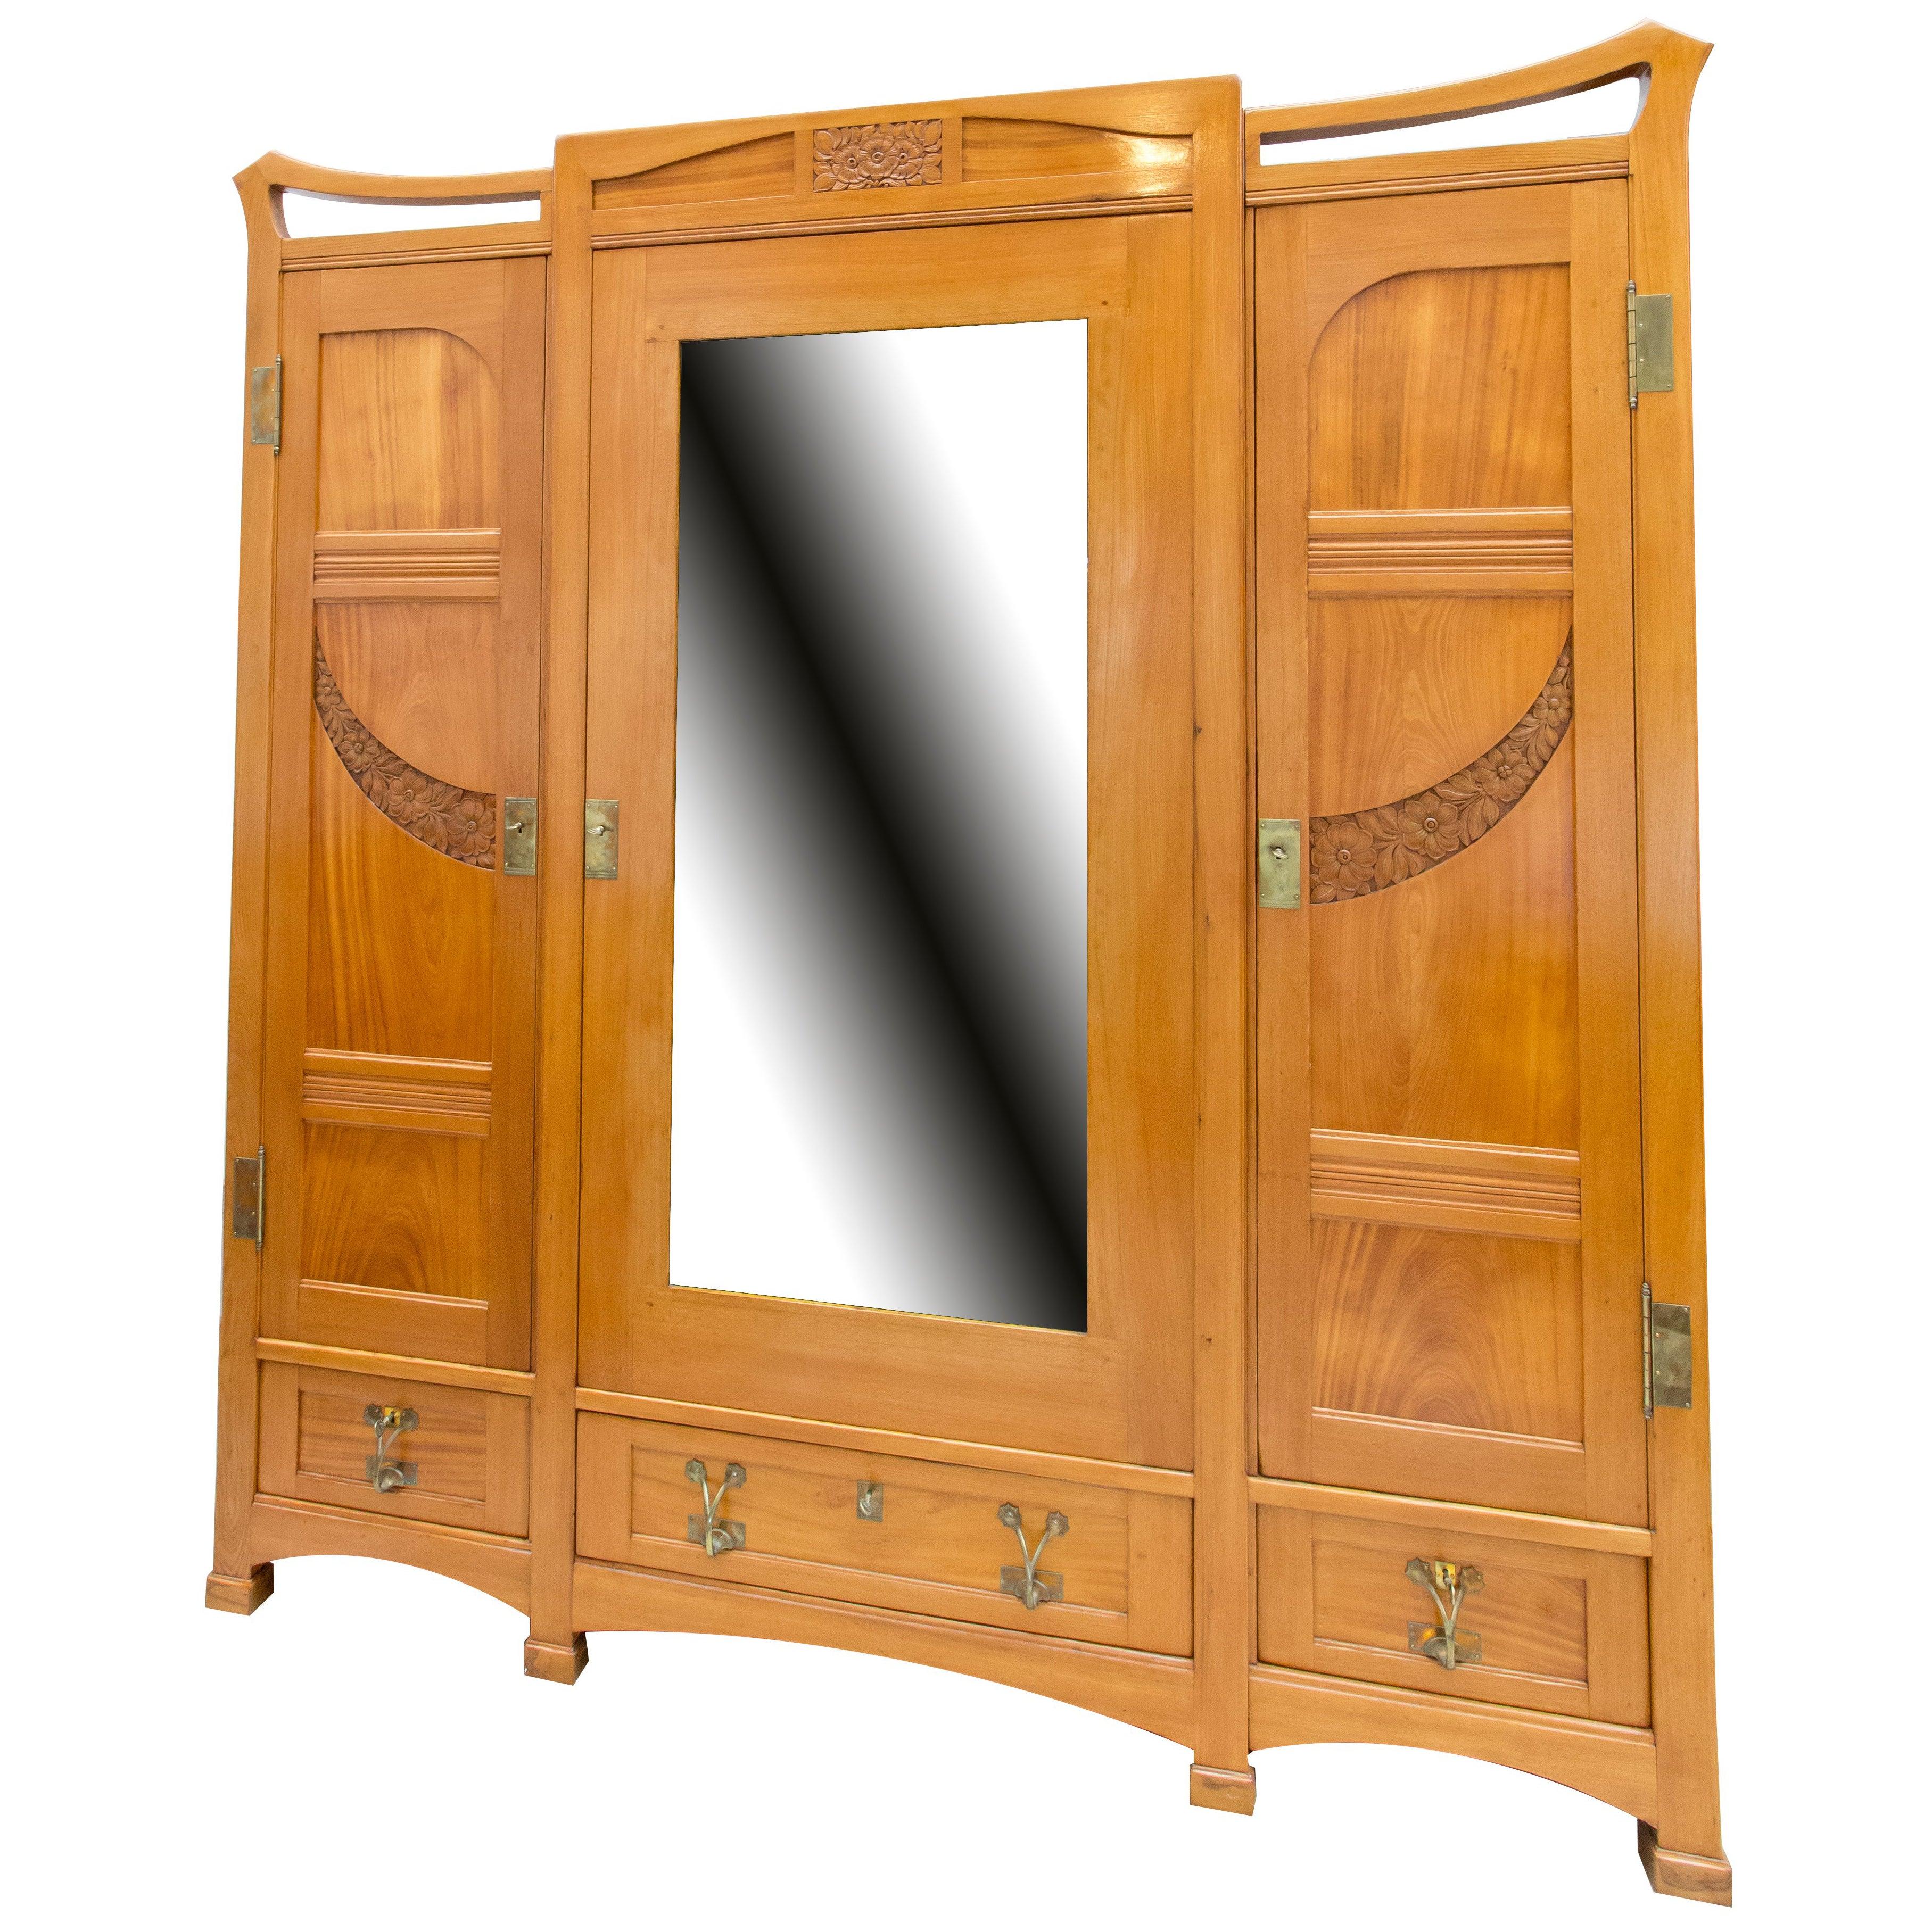 Big Art Nouveau Solid Ash Wood Three Door Wardrobe Cabinet